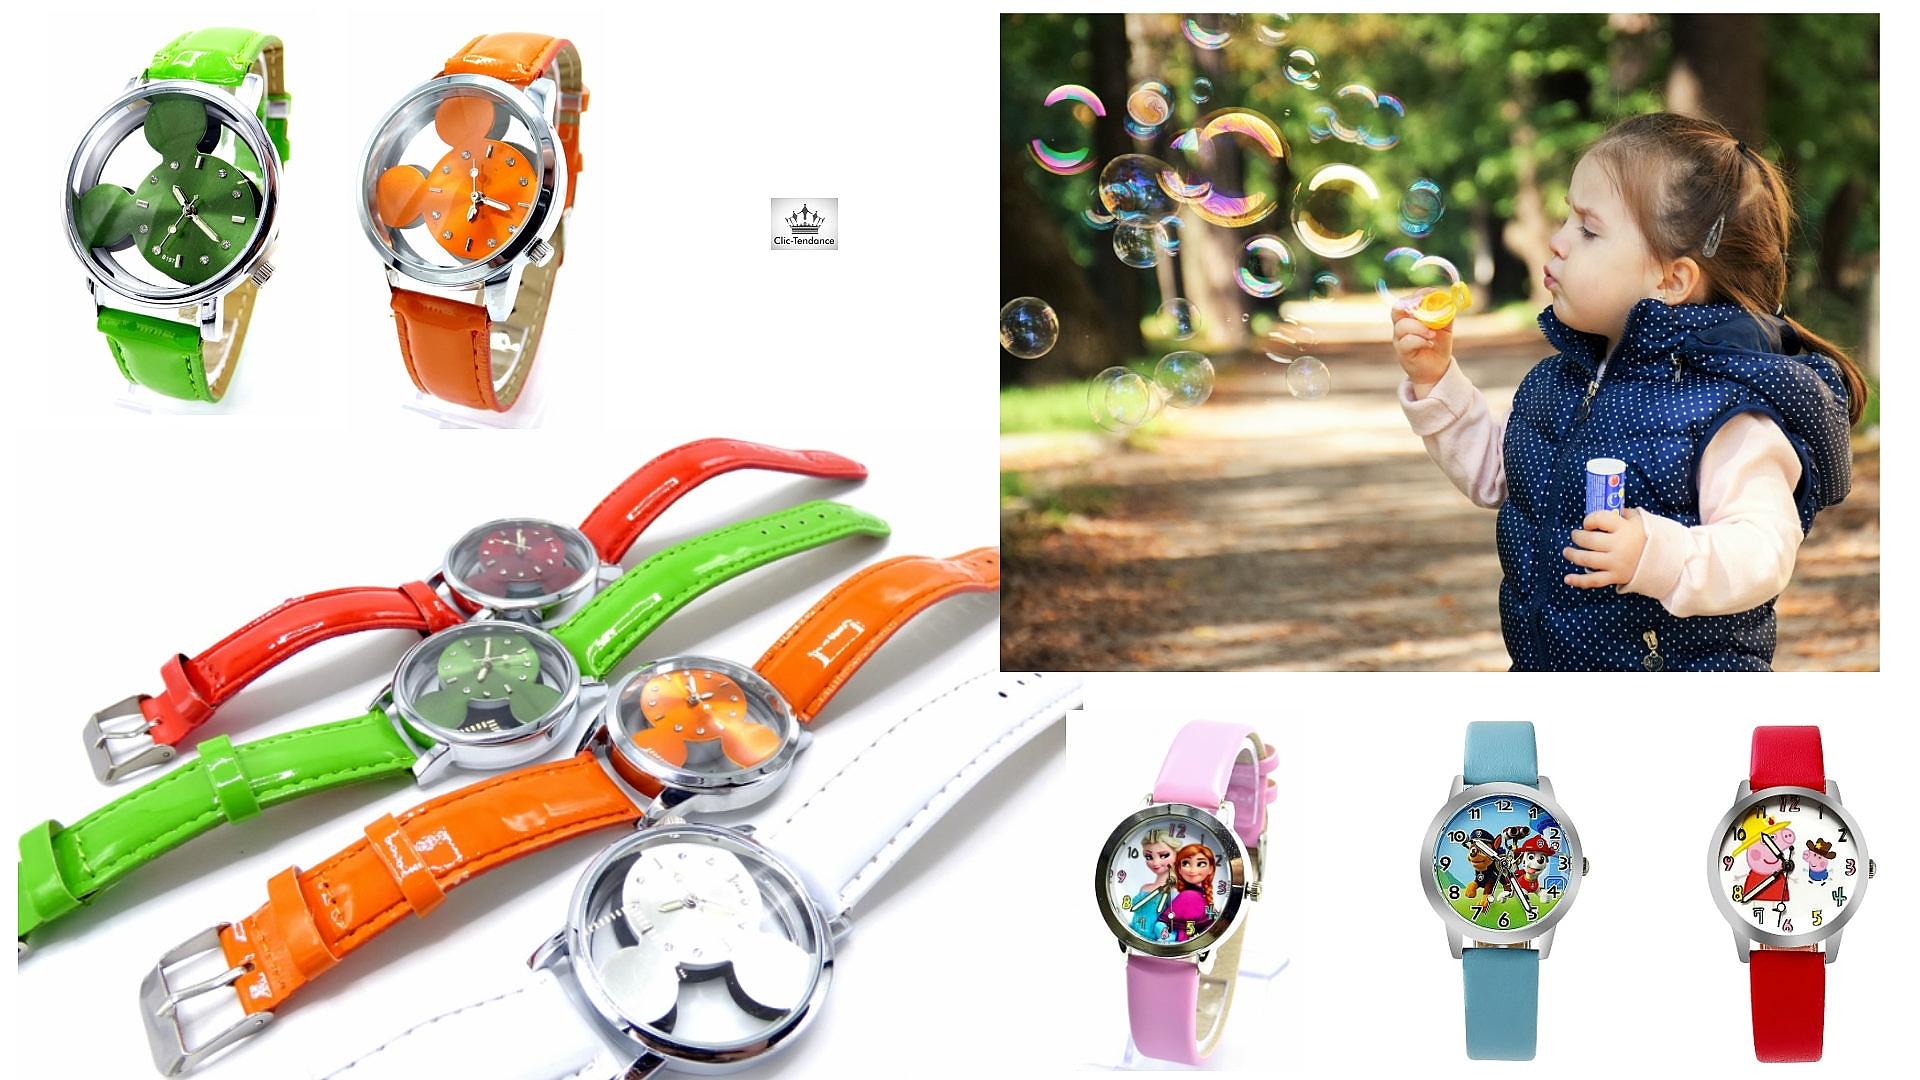 montre enfant fun et colorée avec les personnages préférés reine des neiges - spiderman - mickey